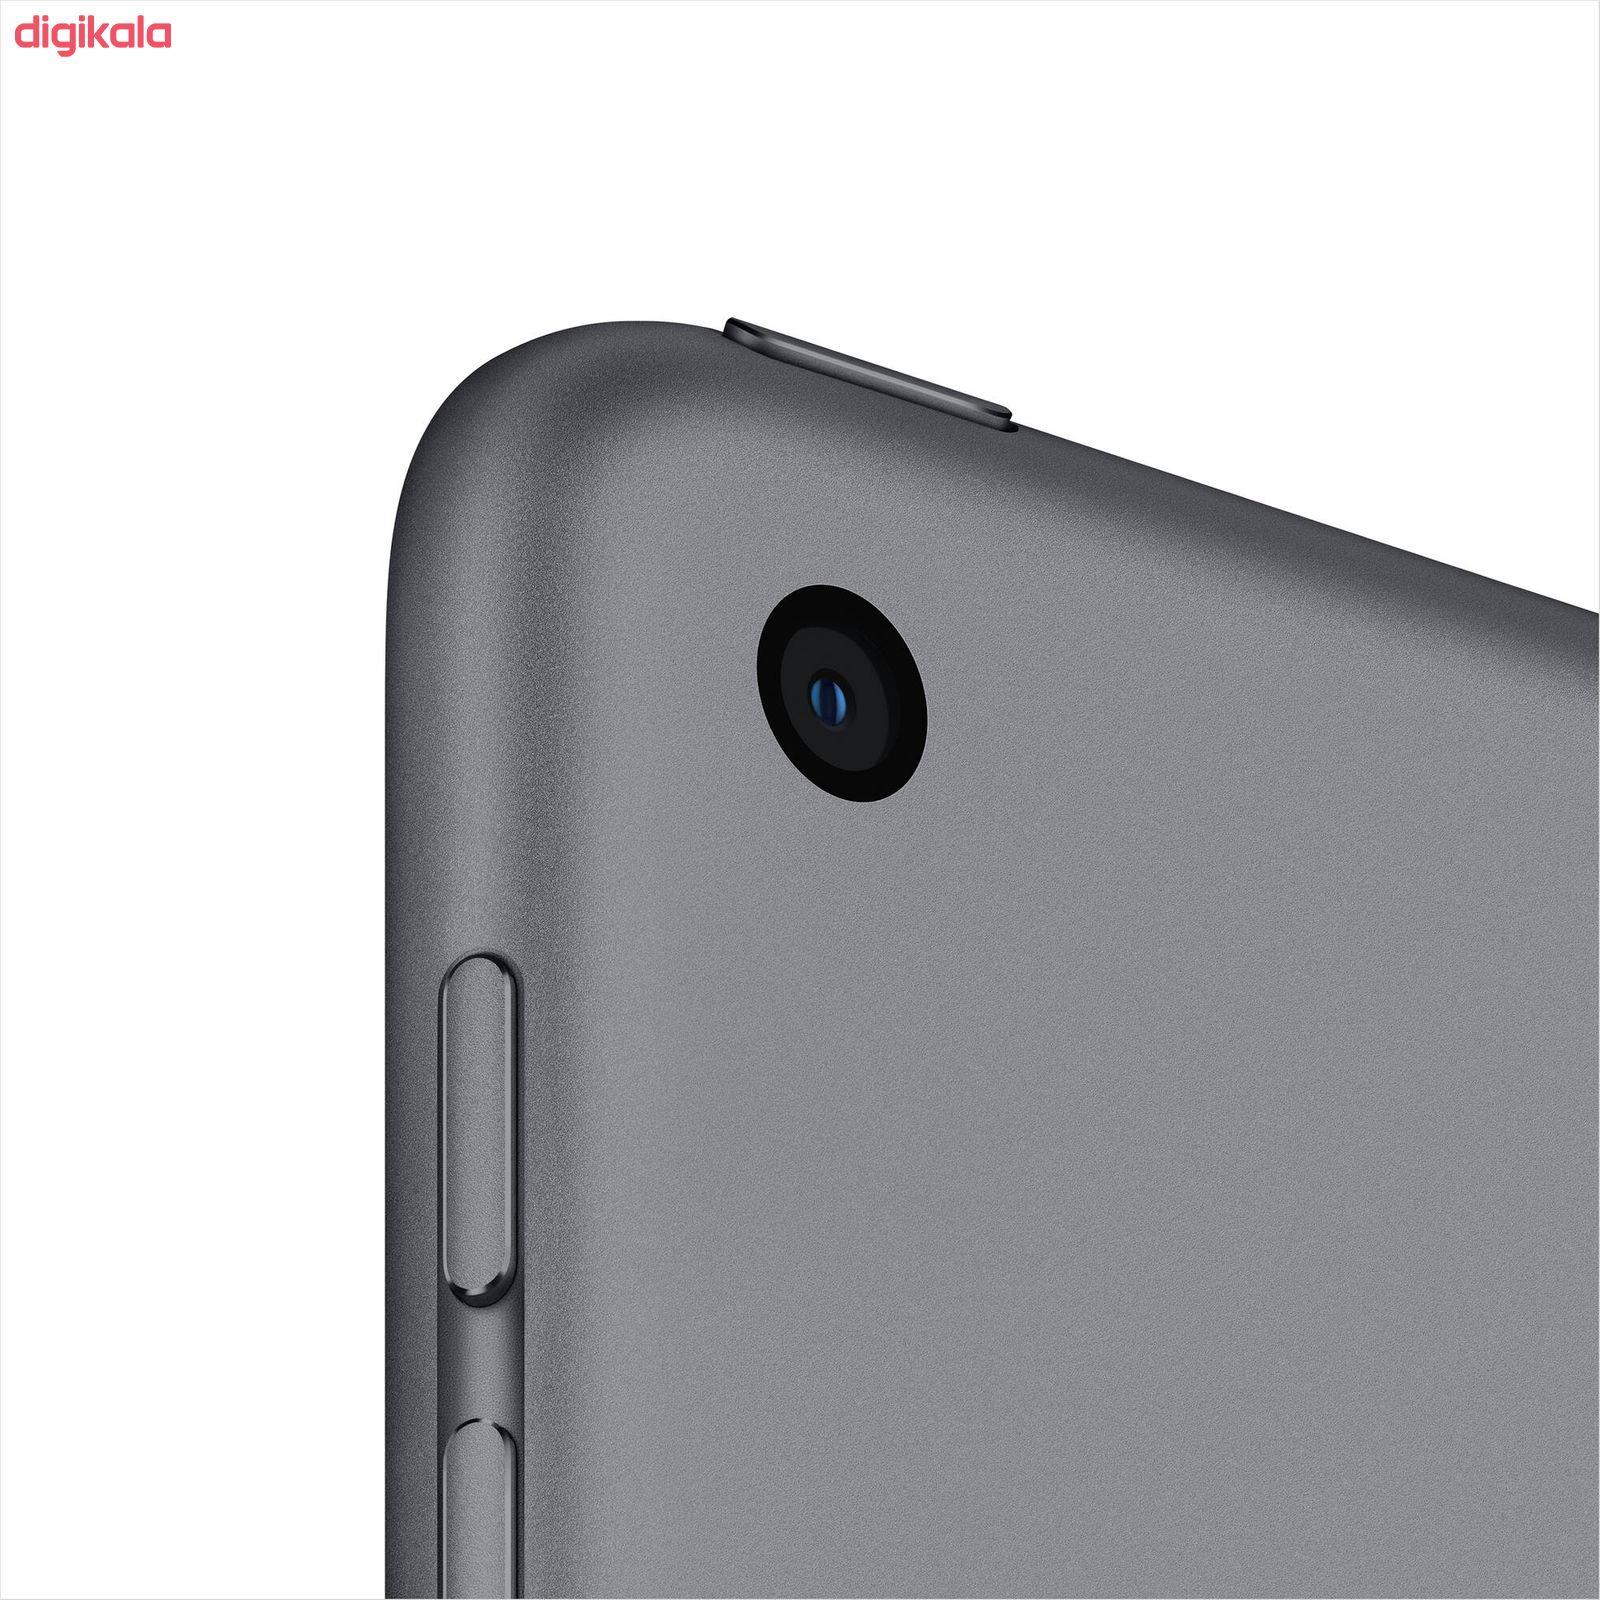 تبلت اپل مدل iPad 10.2 inch 2020 WiFi ظرفیت 32 گیگابایت  main 1 2